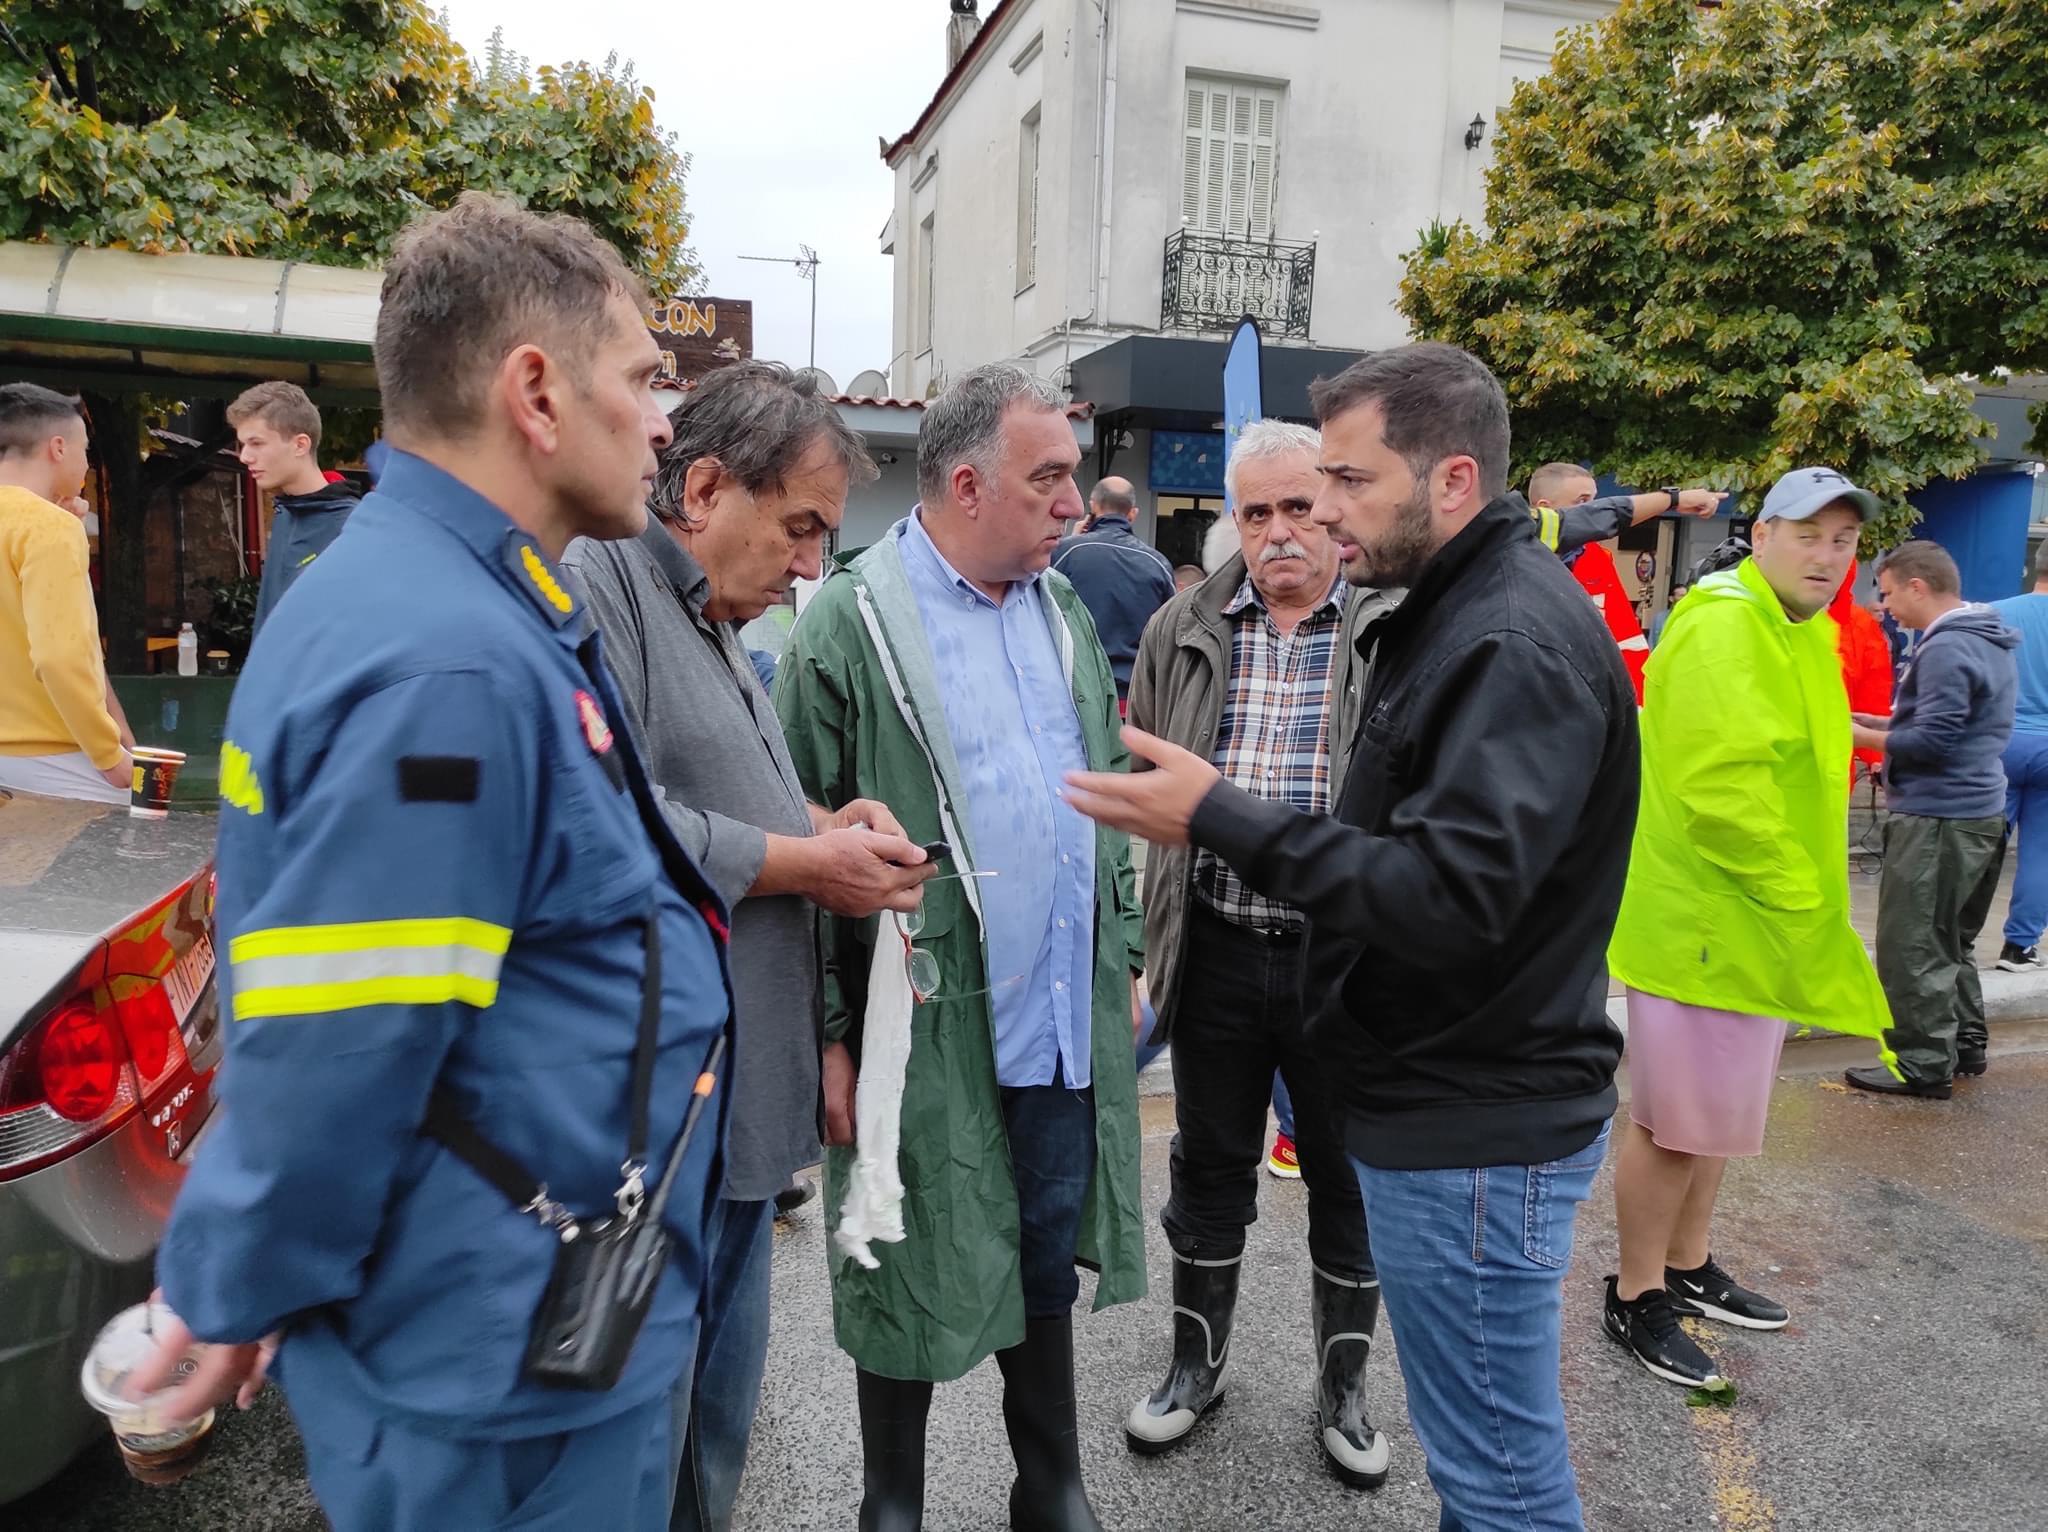 Σπανός: Όλες μας οι δυνάμεις είναι έξω για να αντιμετωπίσουν τα προβλήματα που προκάλεσε ο κυκλώνας 'Ιανός'(ΦΩΤΟ)